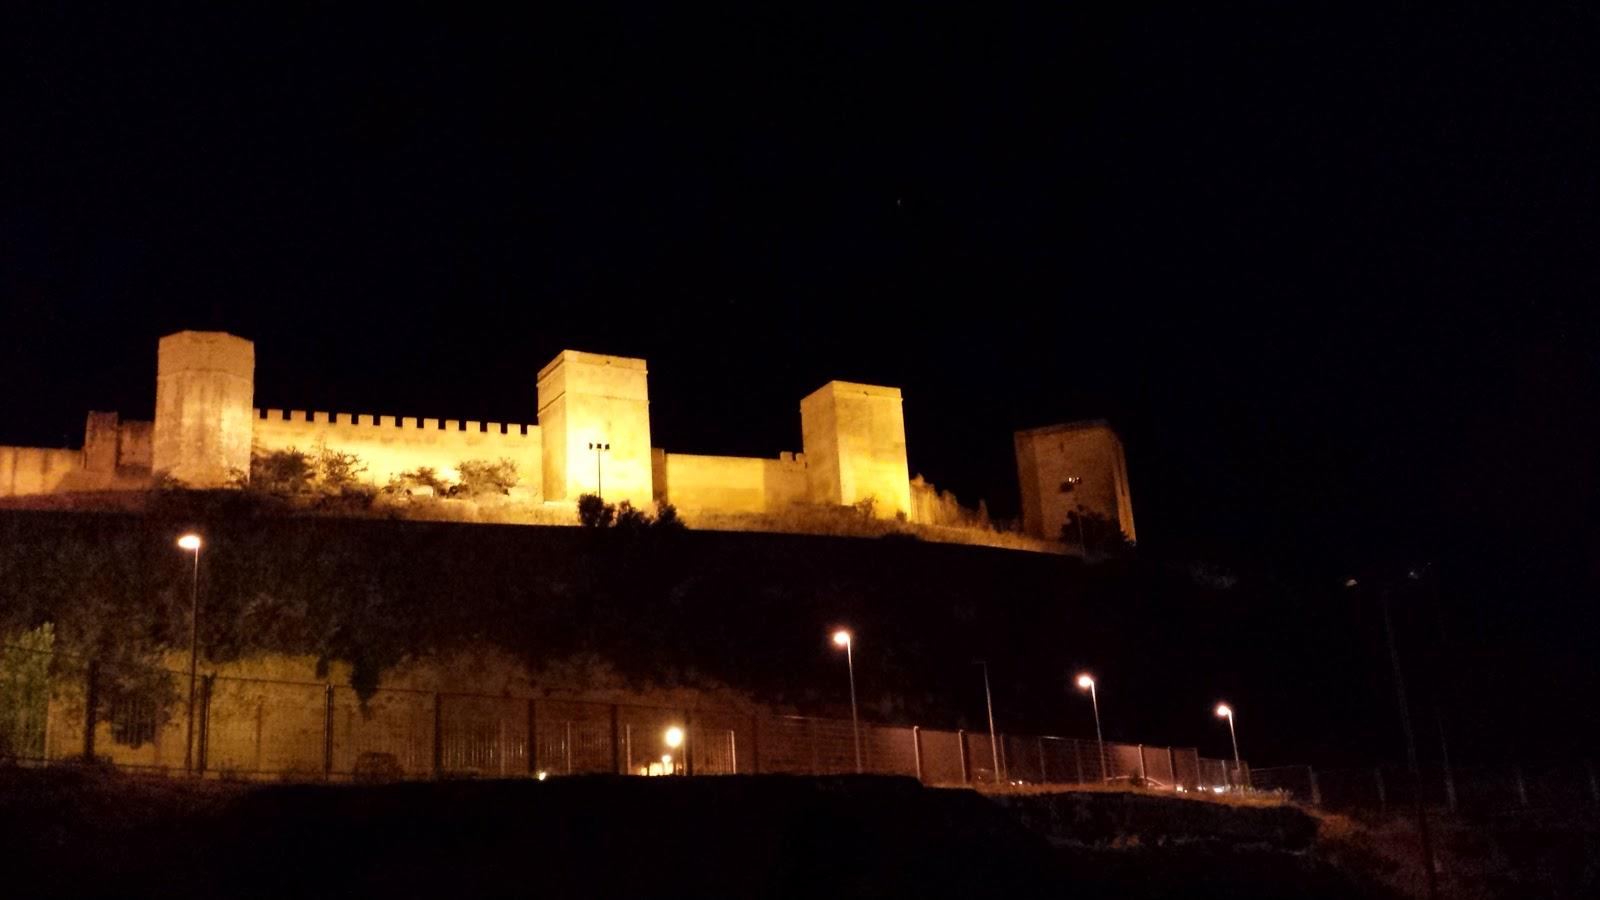 Alcalamegusta el castillo de alcal de guada ra - Comisaria alcala de guadaira ...